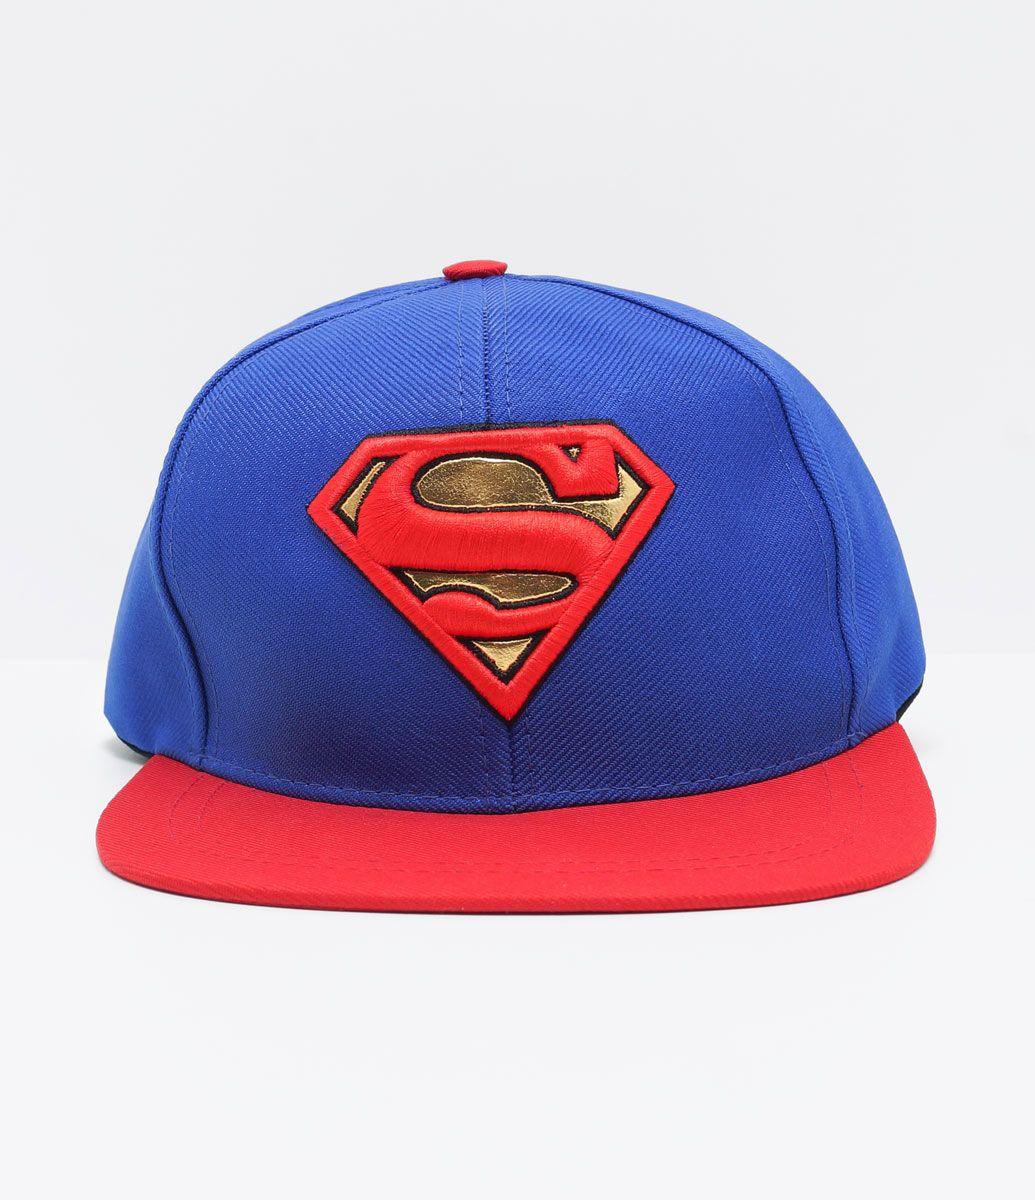 Boné infantil Modelo aba reta Estampa Super Homem Marca  DC Originals  COLEÇÃO VERÃO 2017 Veja f27791cdc80